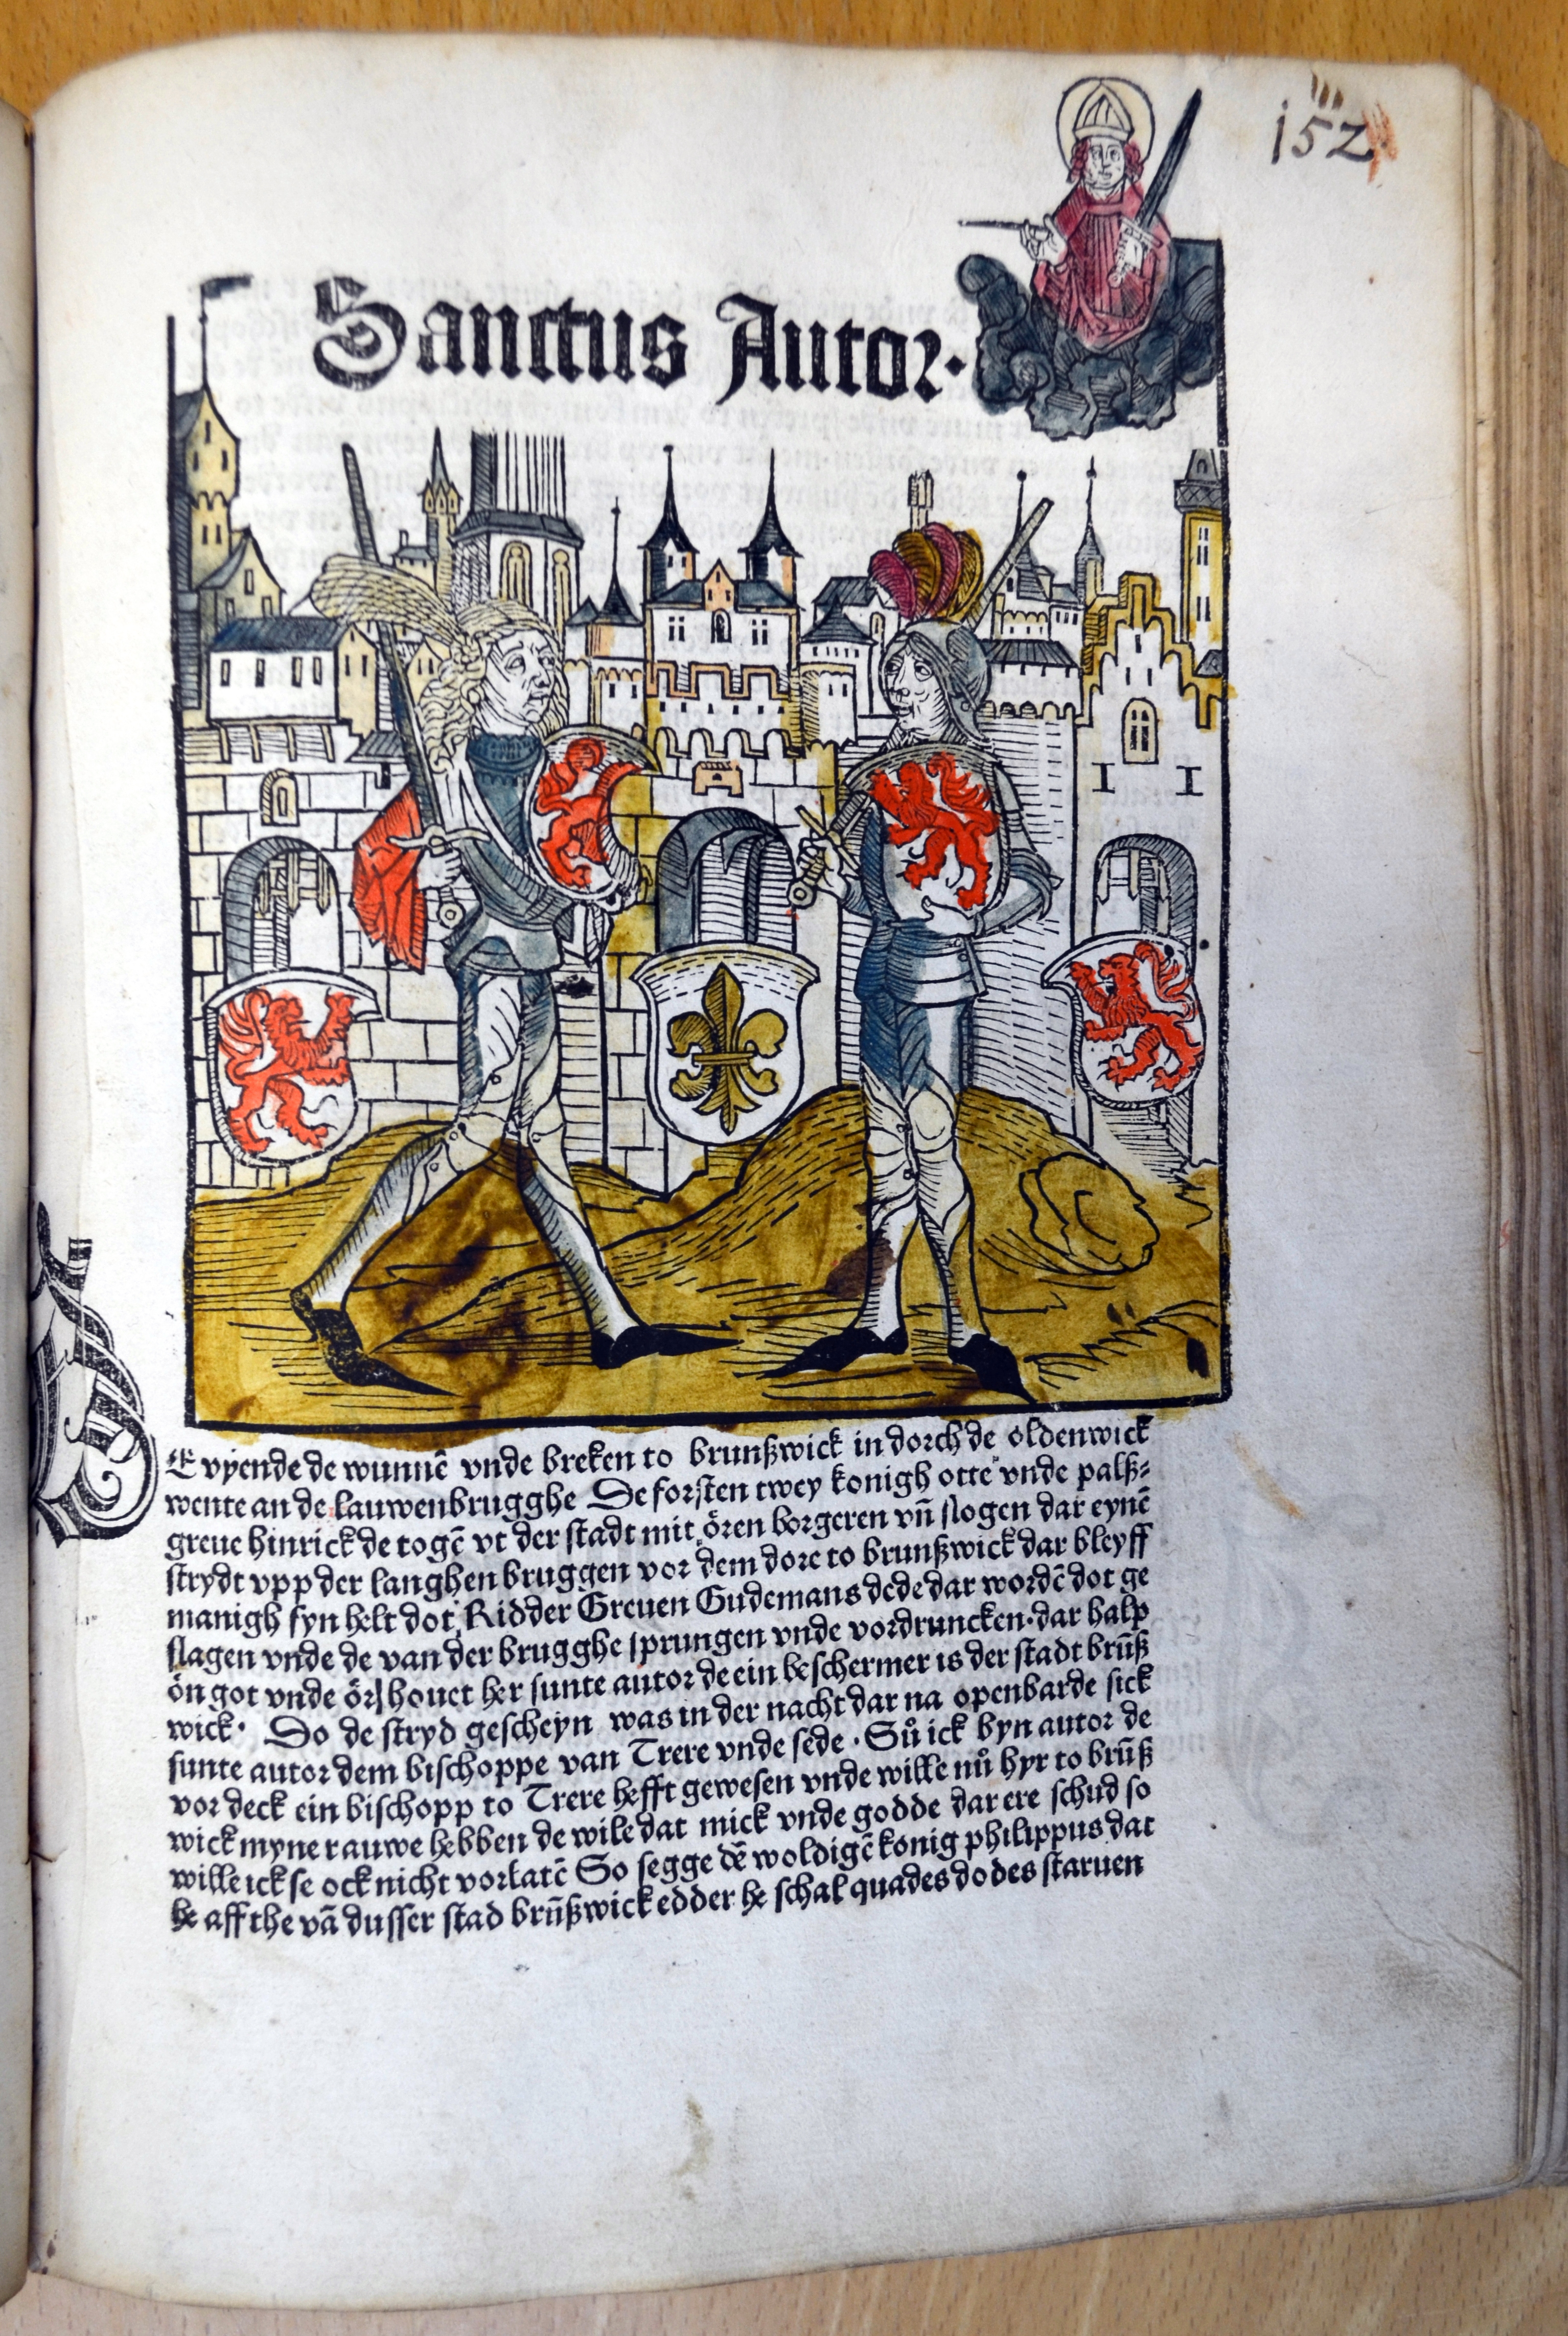 Sachsenkronikken fra 1492: Byen Braunschweig, med skytshelgenen Autor tronende over